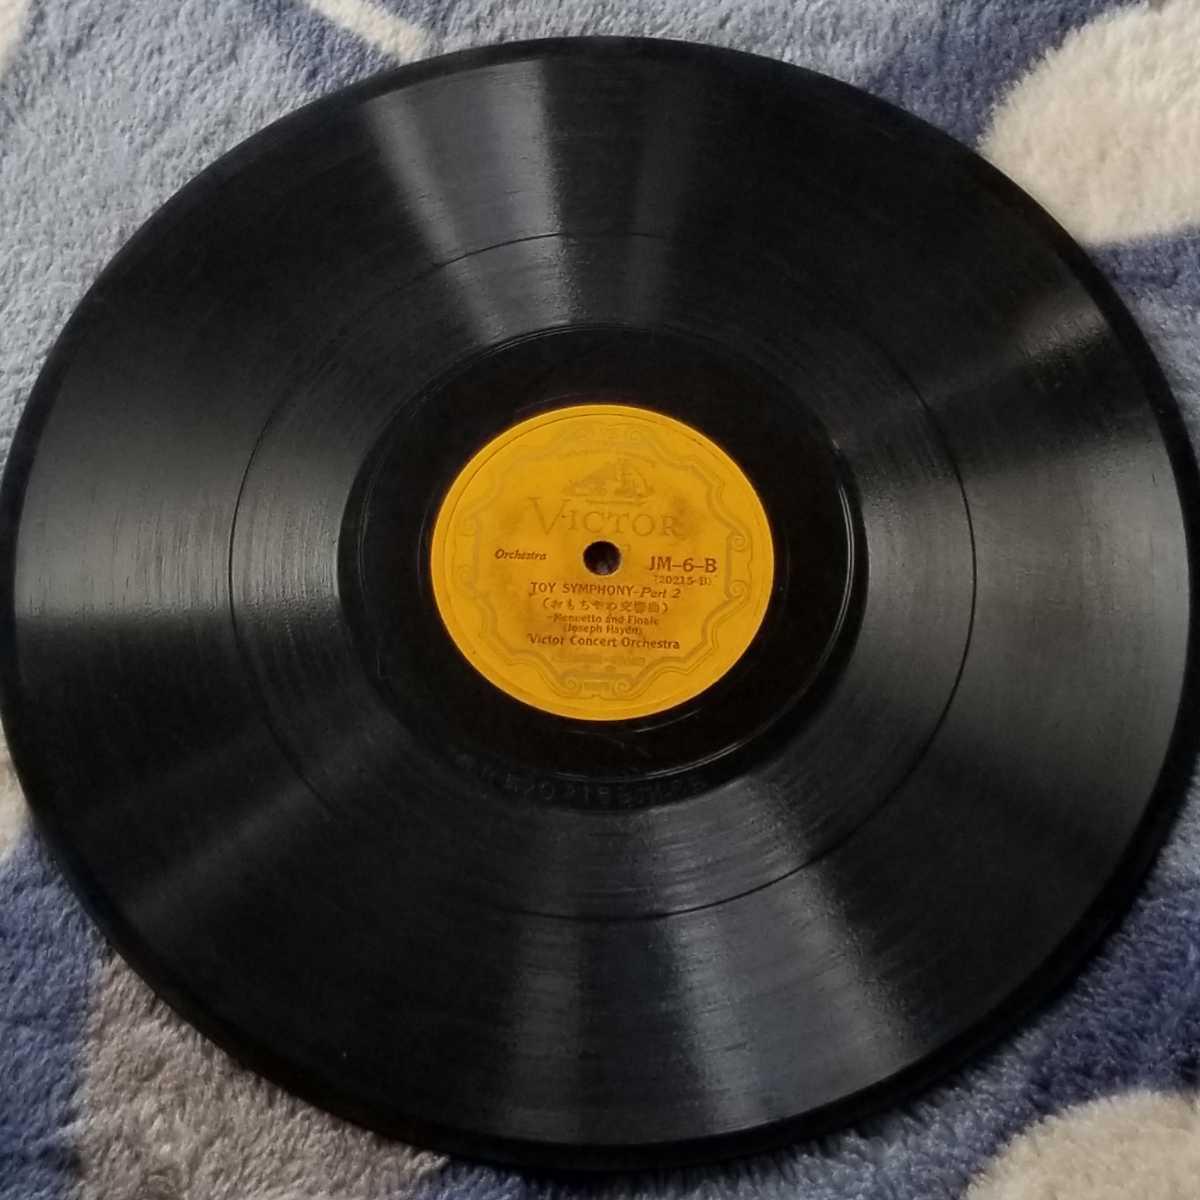 ビクター おもちゃの交響曲 上下 蓄音機SPレコード盤10インチ (25cm)※200_画像5